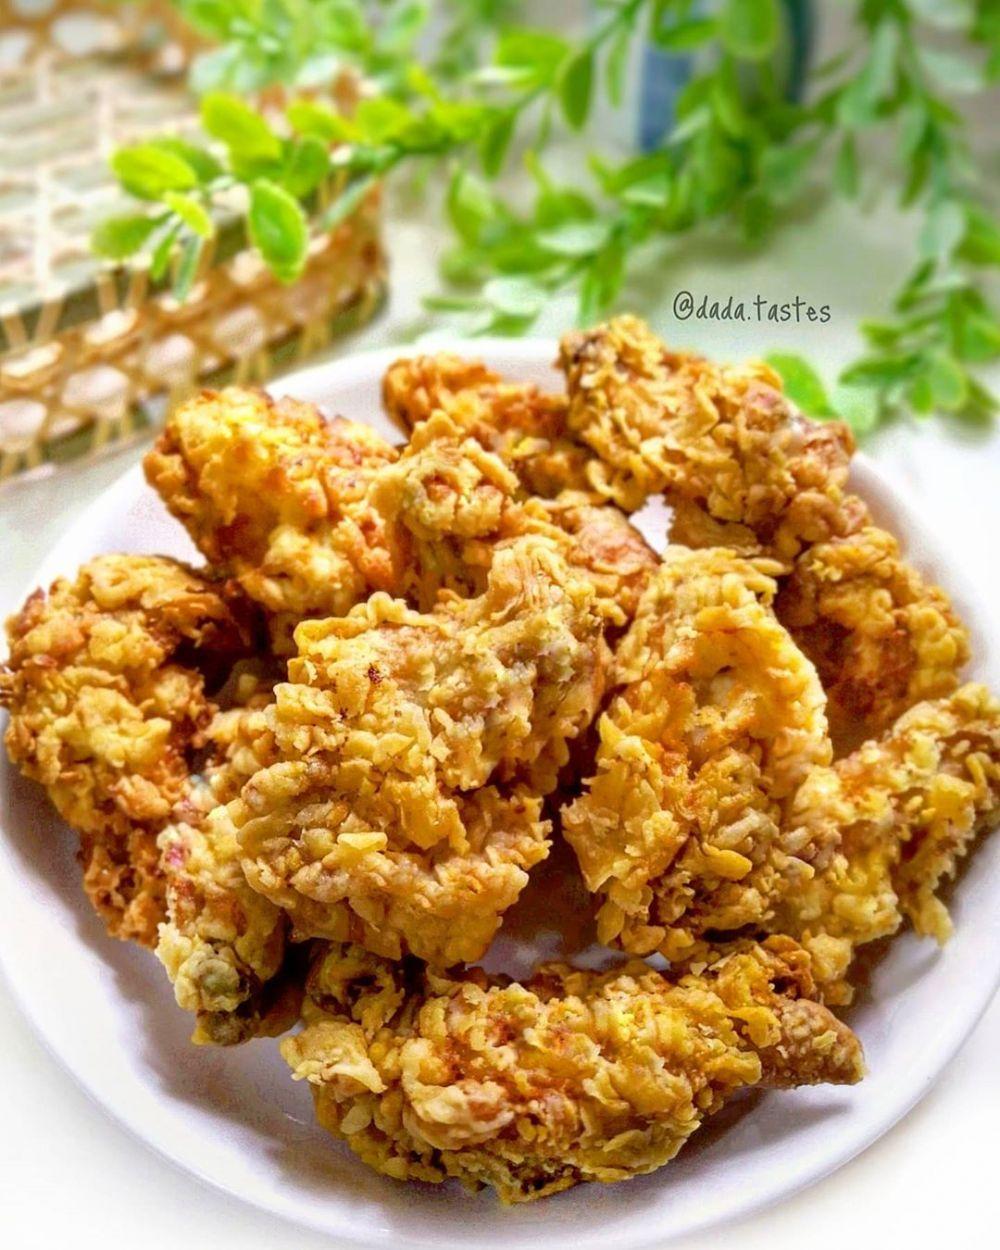 Resep Olahan Ayam Sederhana C 2020 Brilio Net Instagram Yulichia88 Instagram Novita Sari Masakan Asia Resep Makan Malam Resep